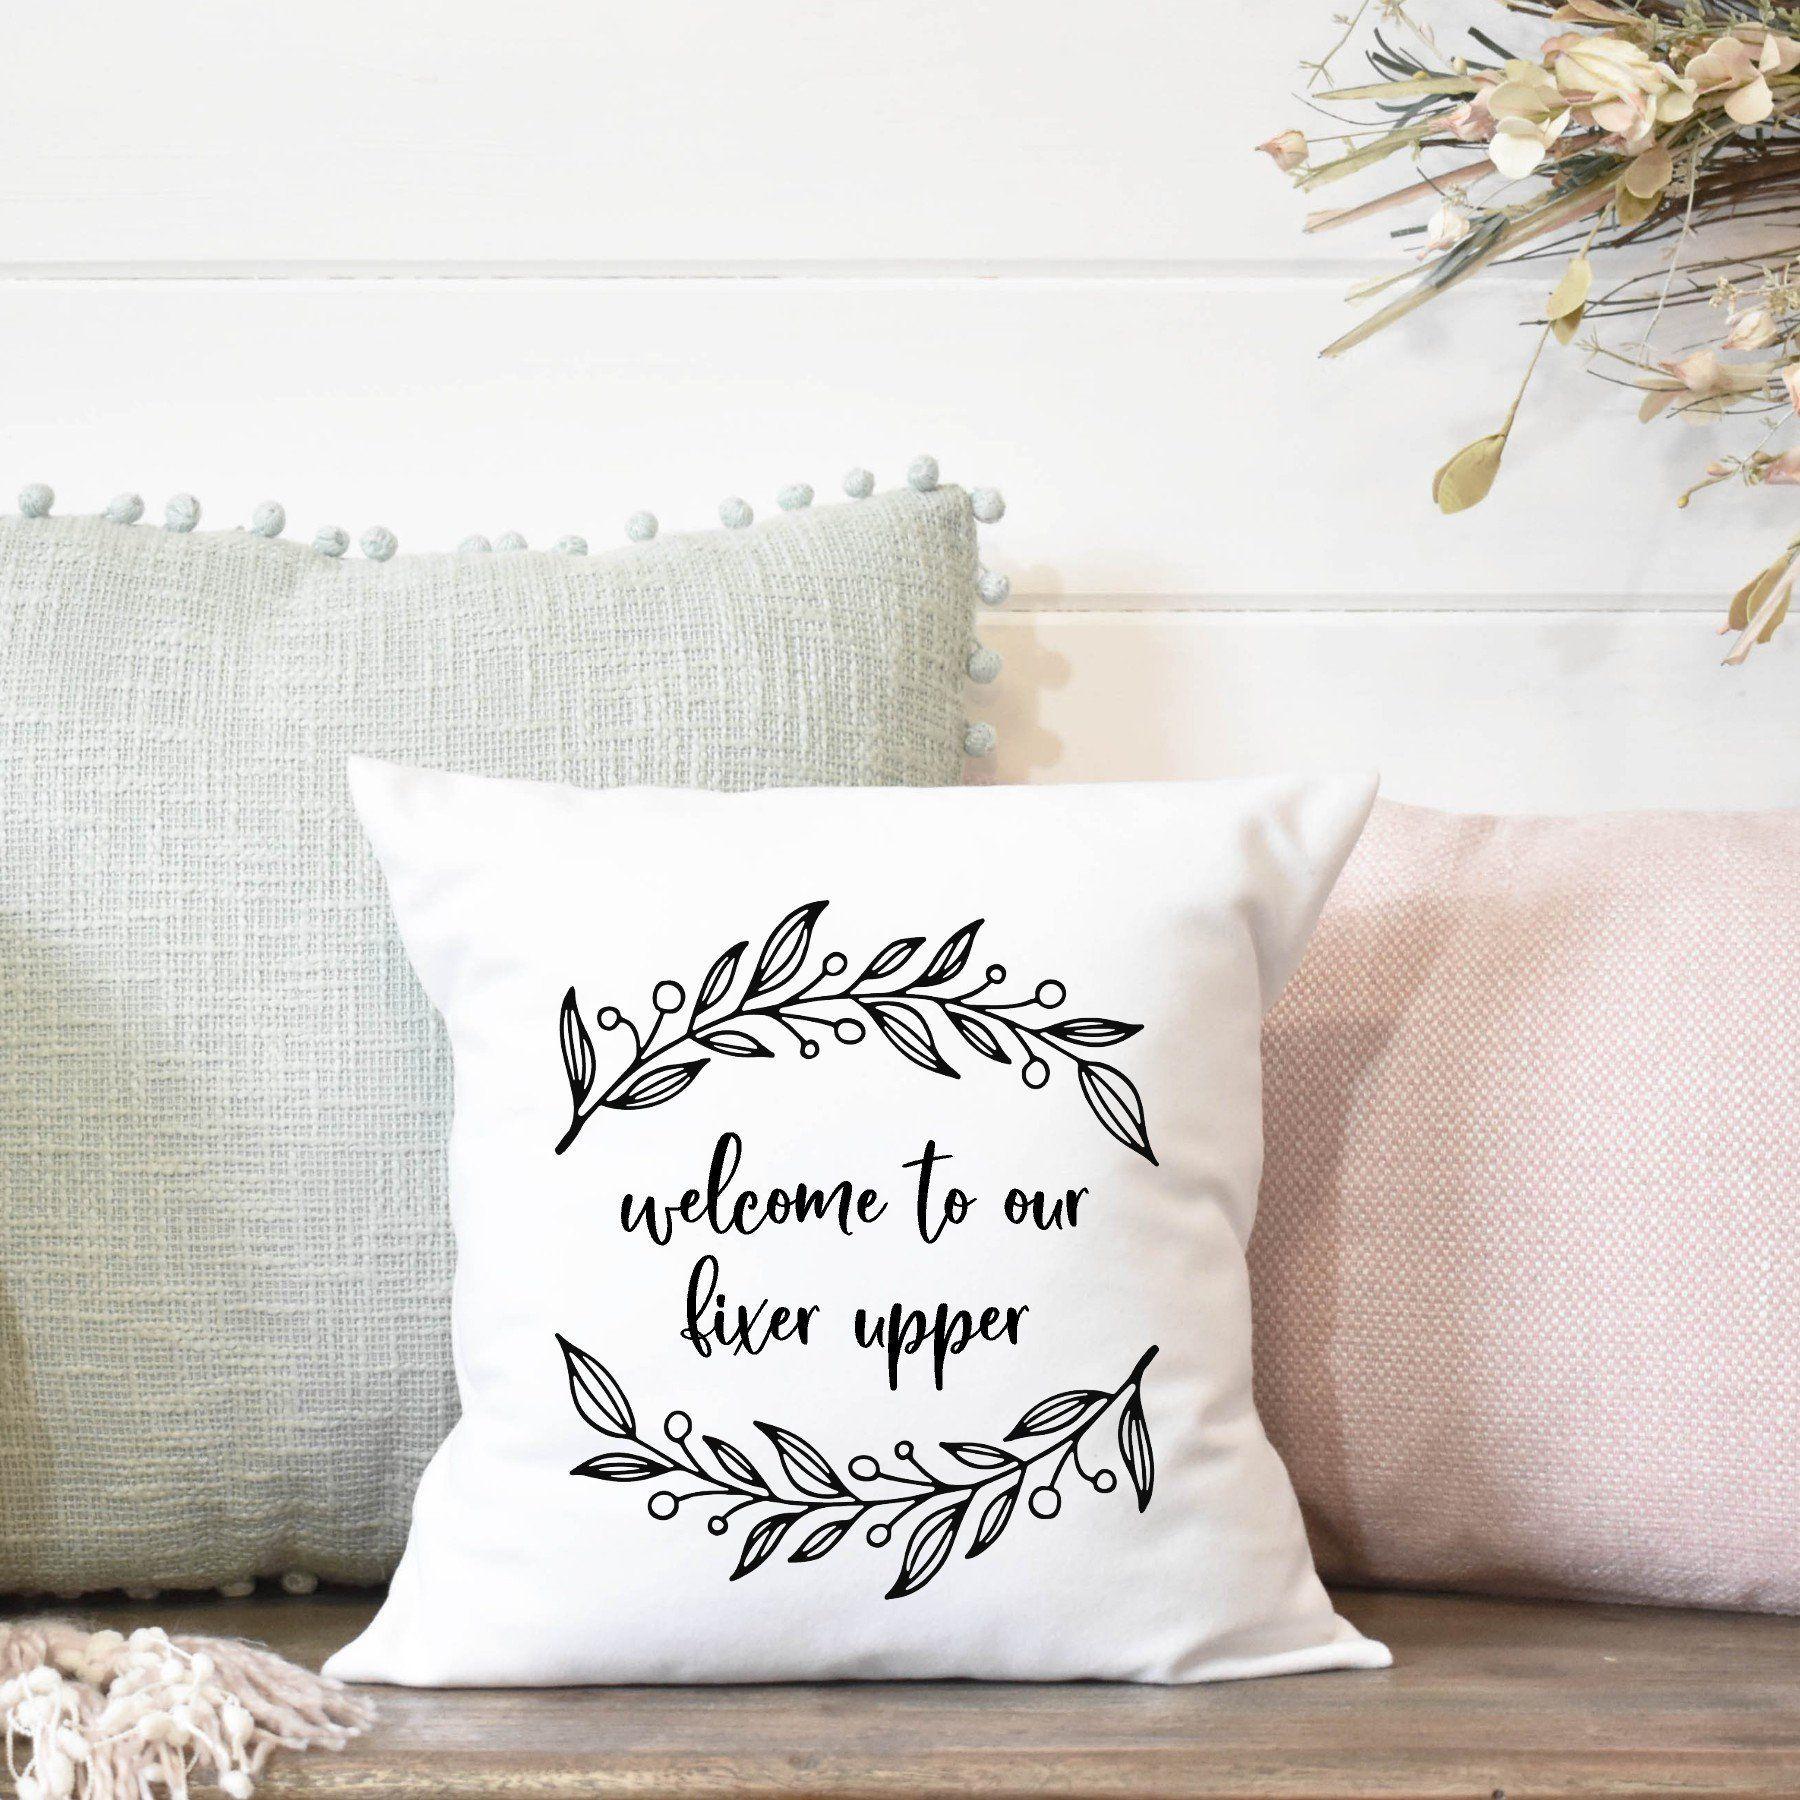 Welcome Pillow Cover, Farmhouse Decor